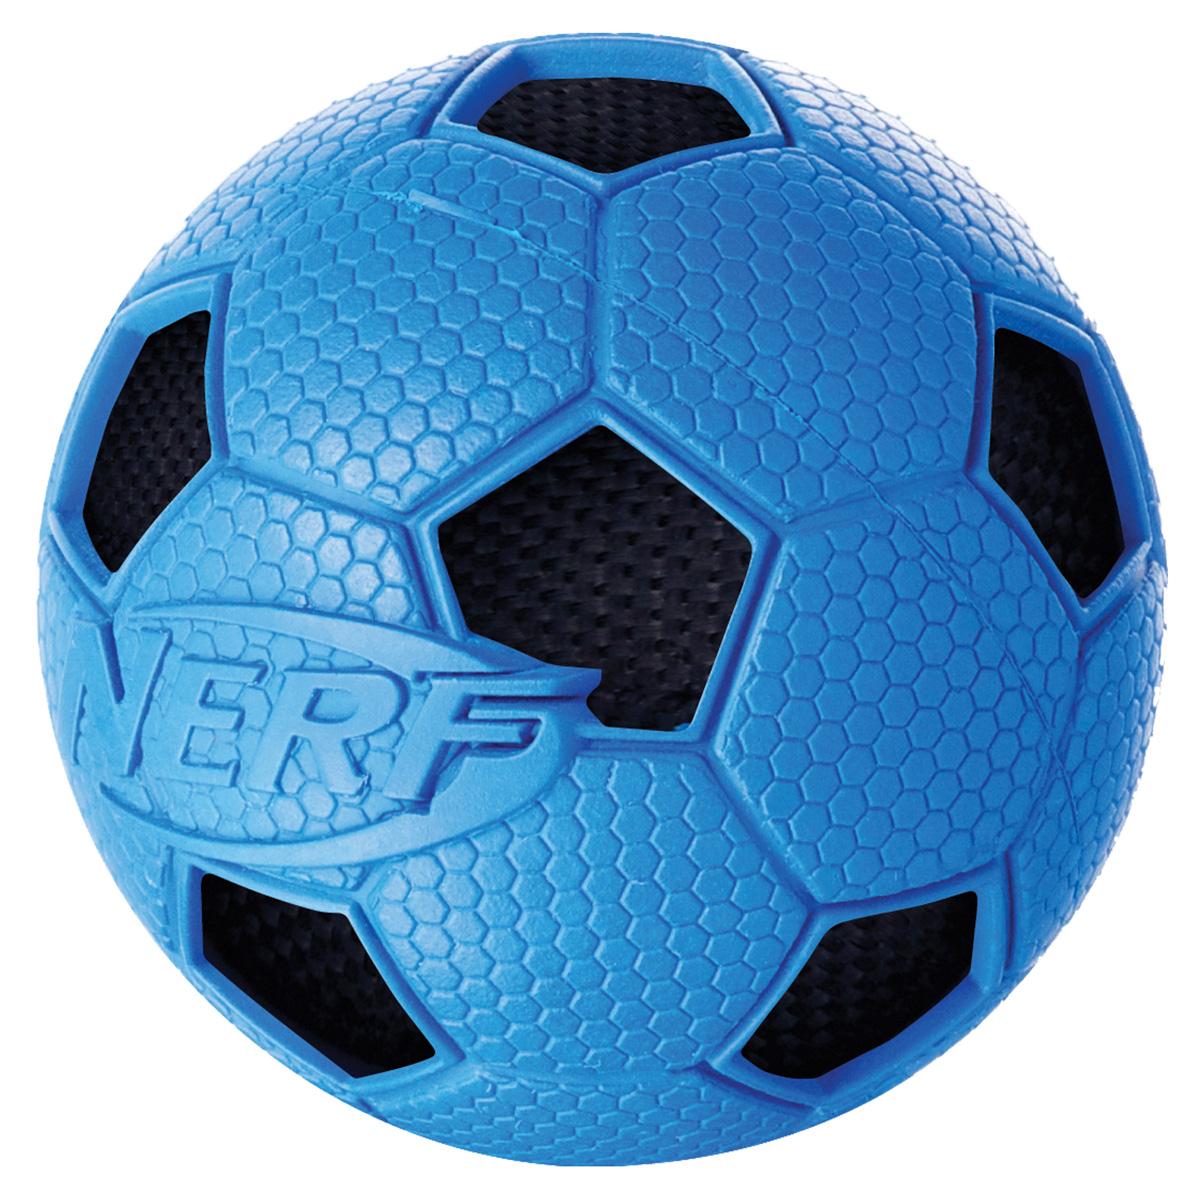 Игрушка для собак Nerf Мяч футбольный, цвет: голубой, черный, диаметр 7,5 см0120710Мяч Nerf с рельефным рисунком и нейлоновым хрустящим мячом внутри.Высококачественные прочные материалы, из которых изготовлена игрушка, обеспечивают долговечность использования.Звук мяча дополнительно увлекает собаку игрой.Яркие привлекательные цвета.Размер: 7,5 см, M.